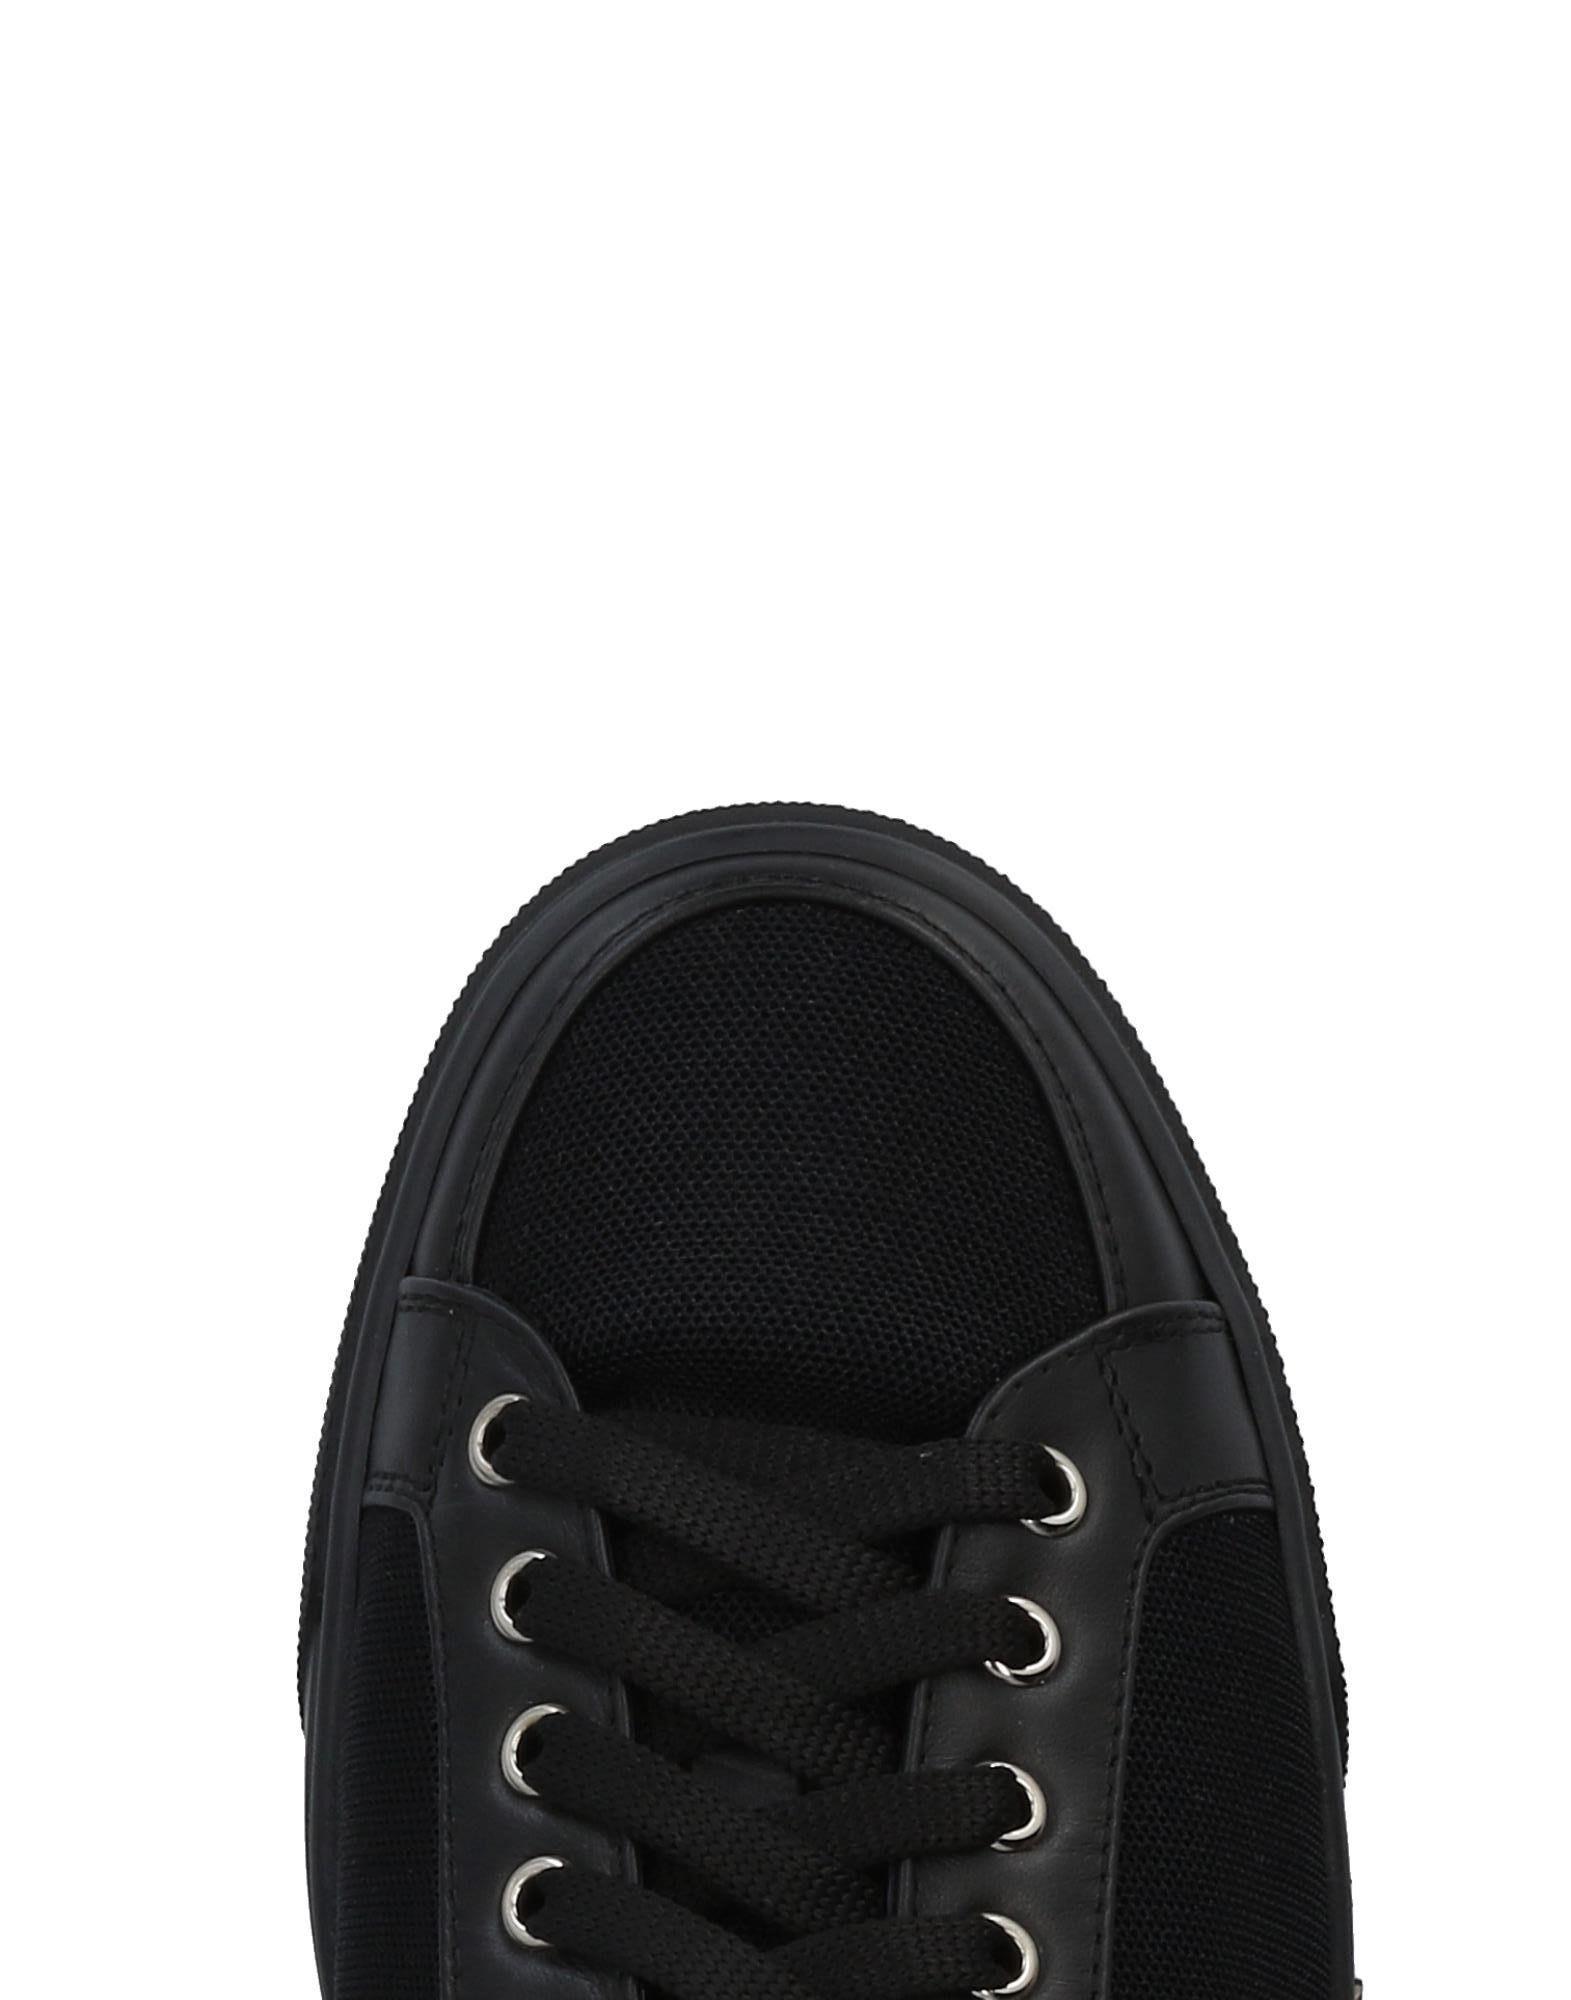 Philipp Plein Sneakers Herren  11430955TD Gute Qualität beliebte Schuhe